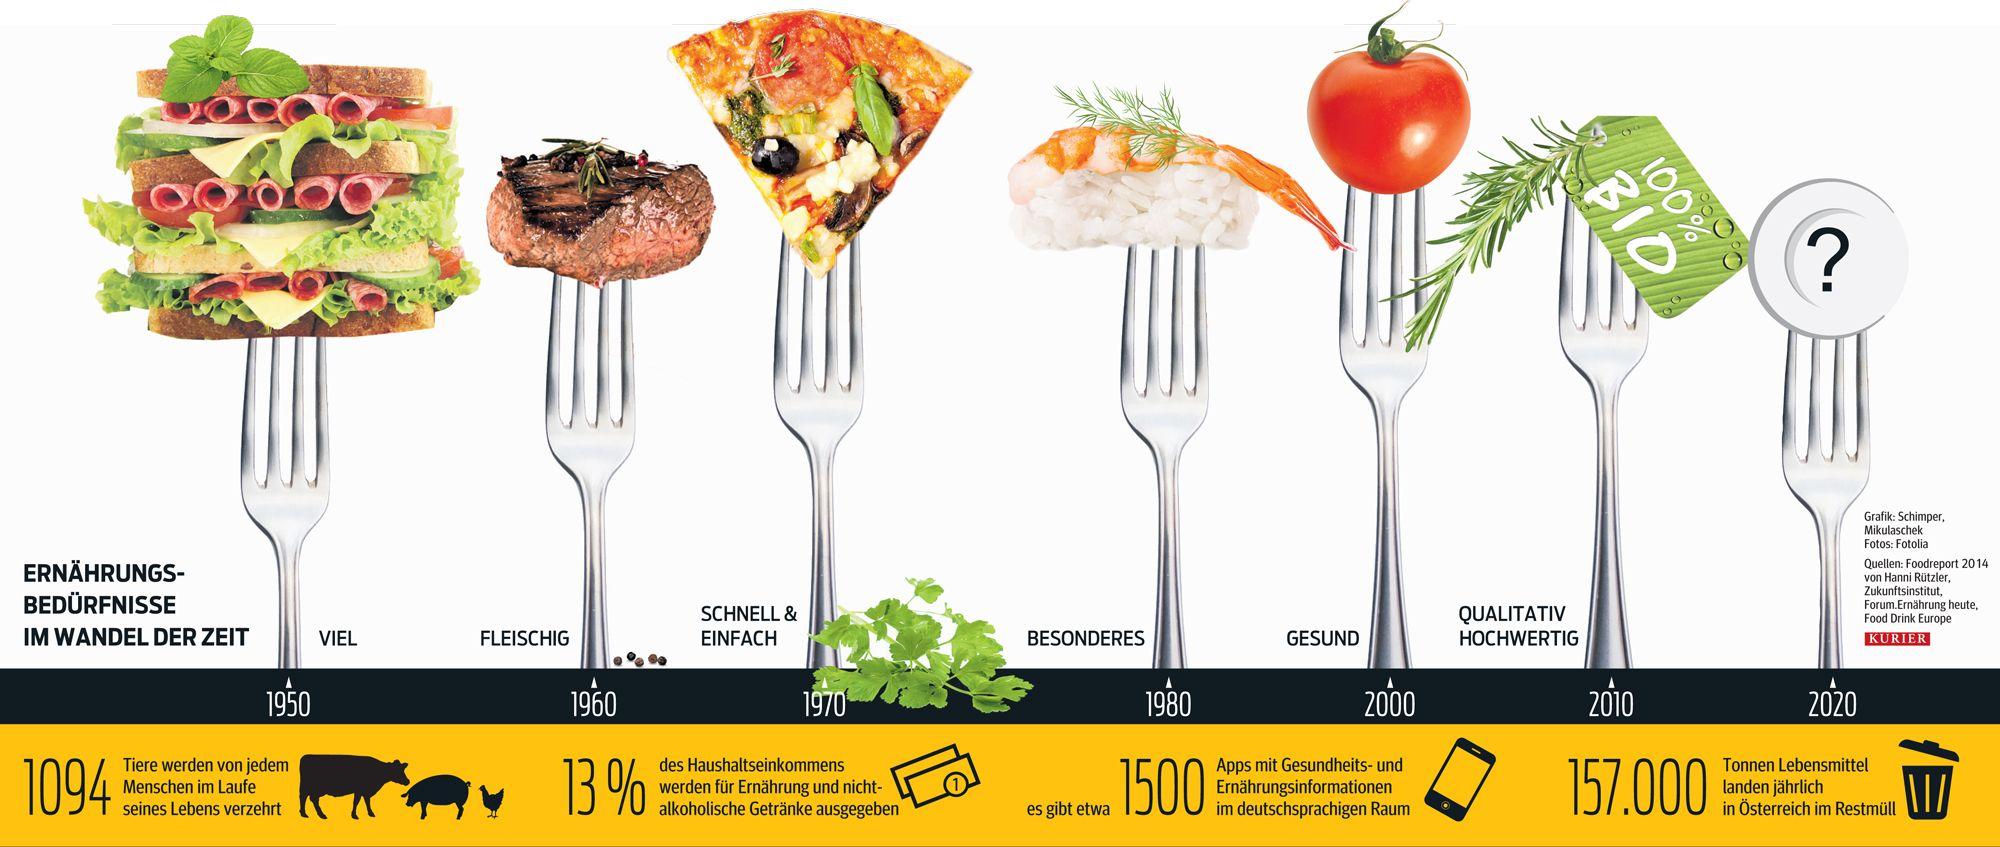 Ernährung In Der Zukunft